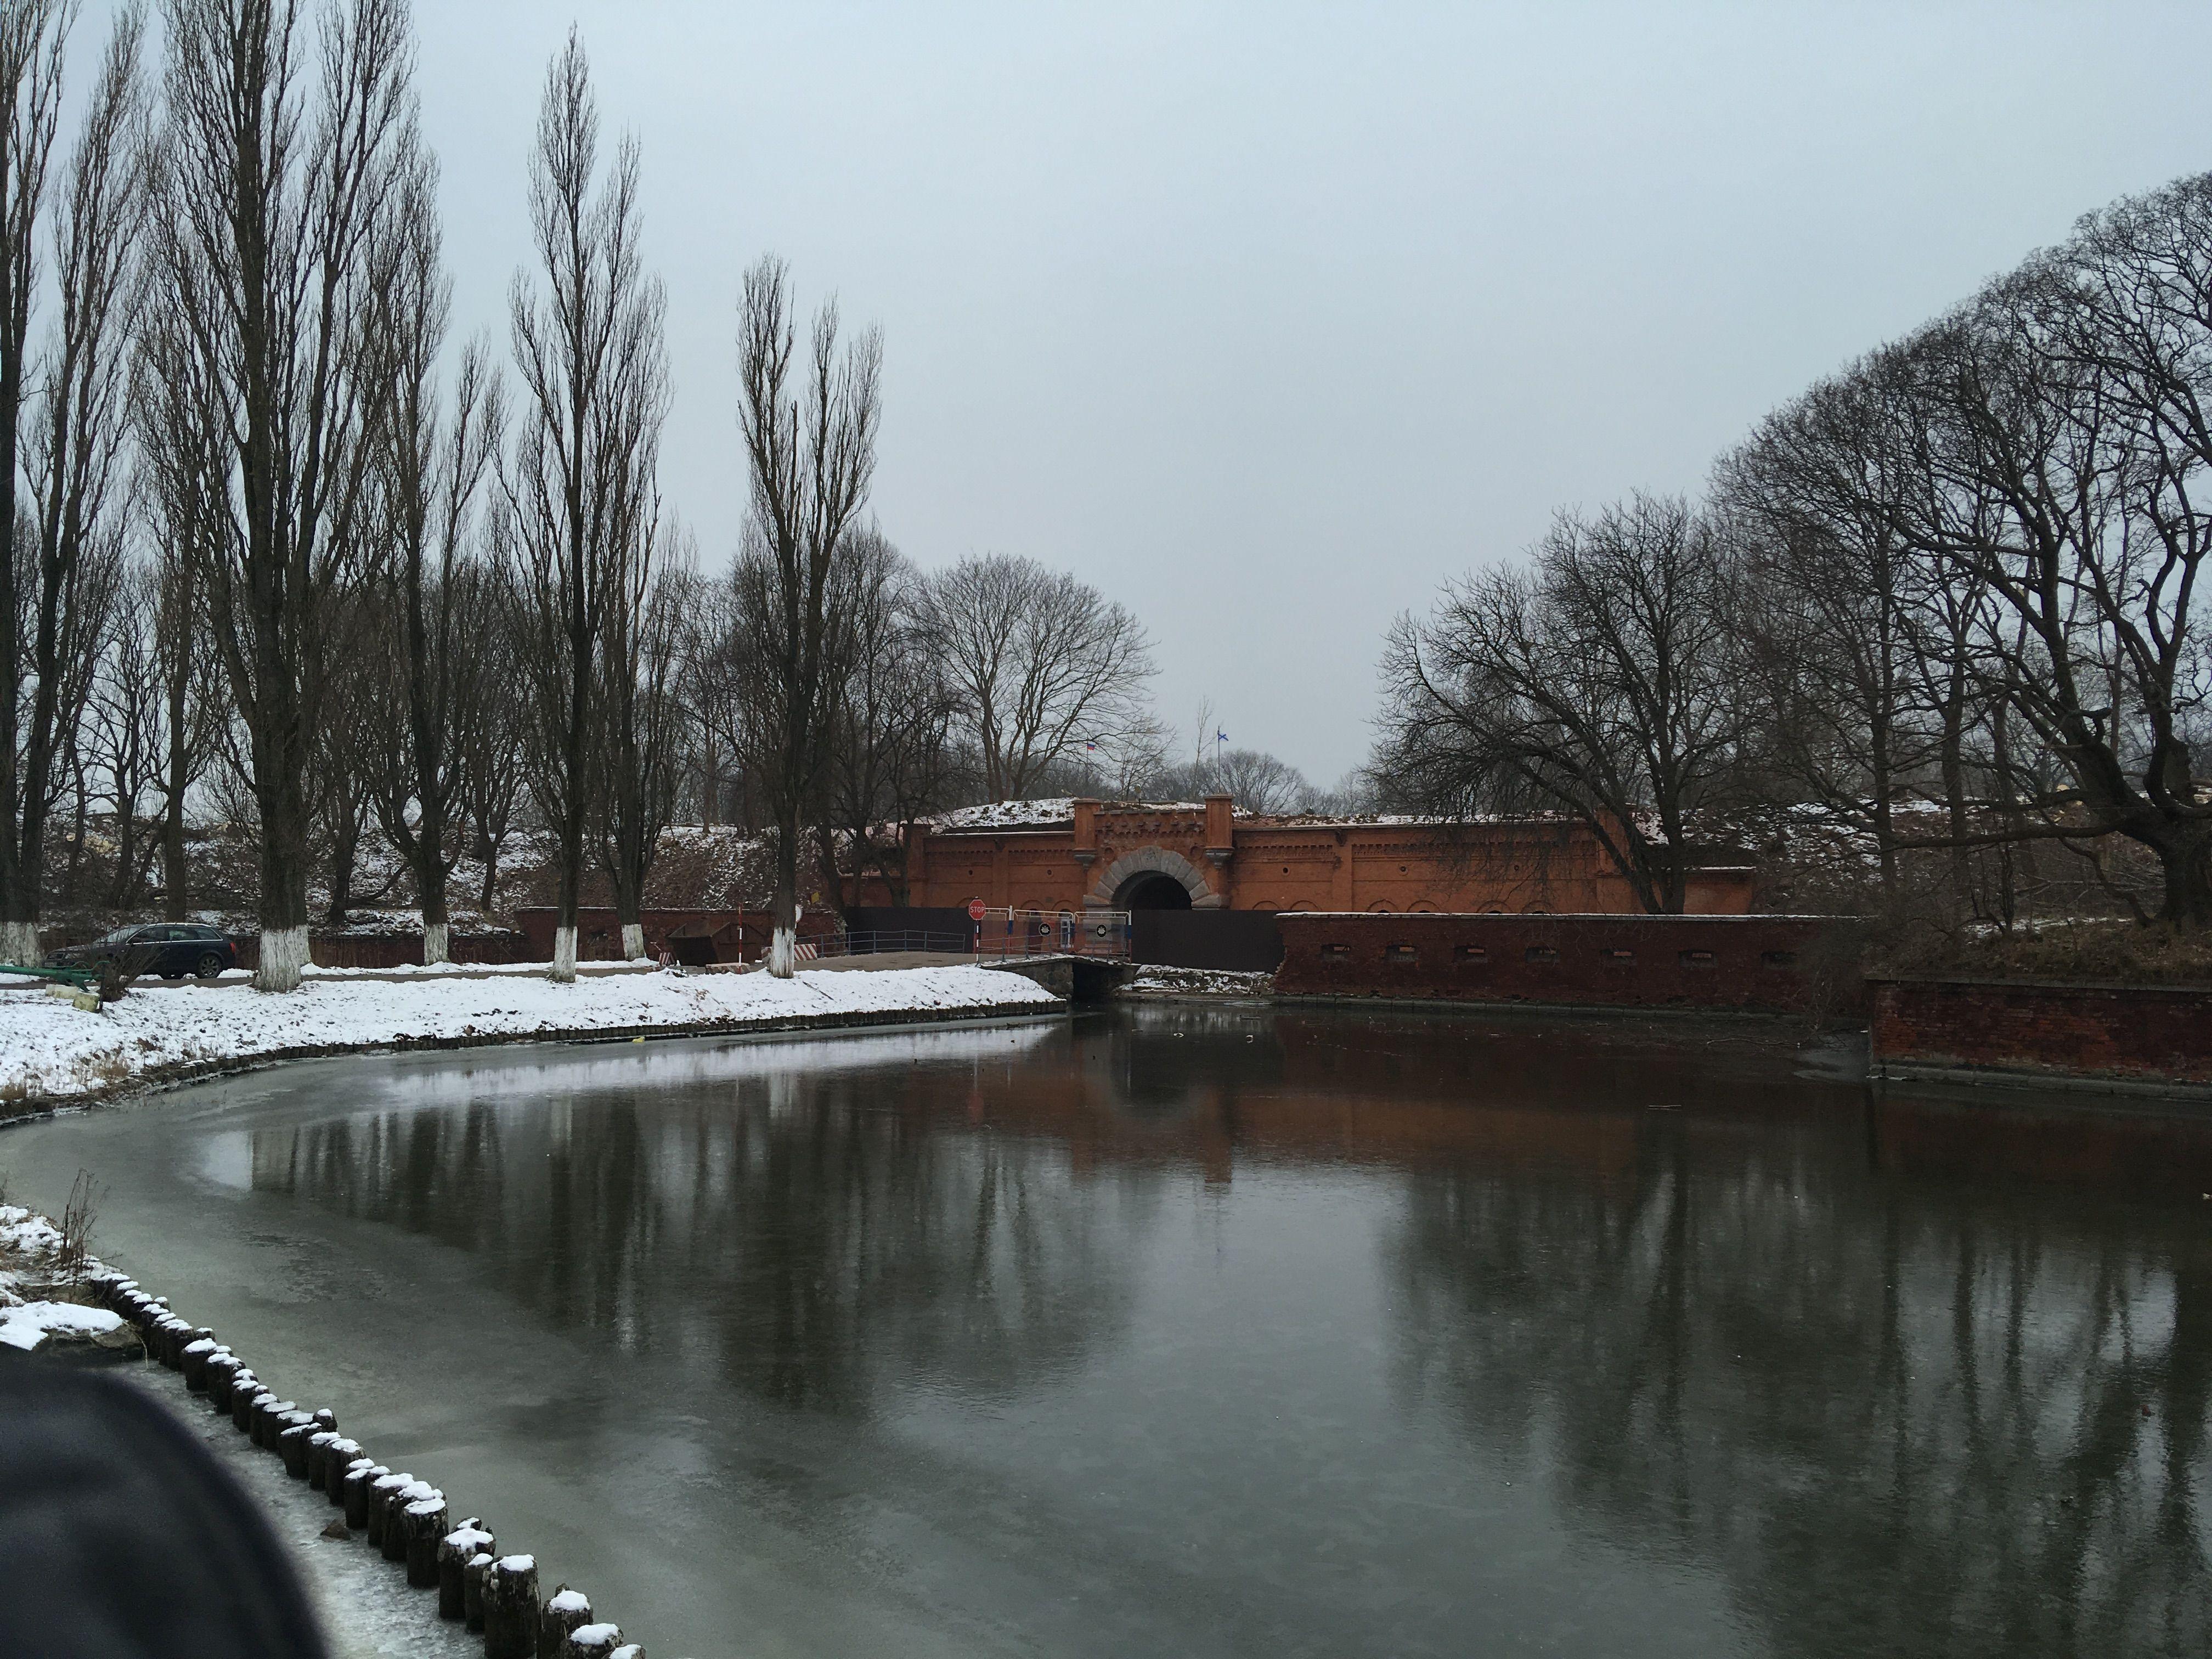 Ров крепости Пиллау. Фото: Vladimir Shveda